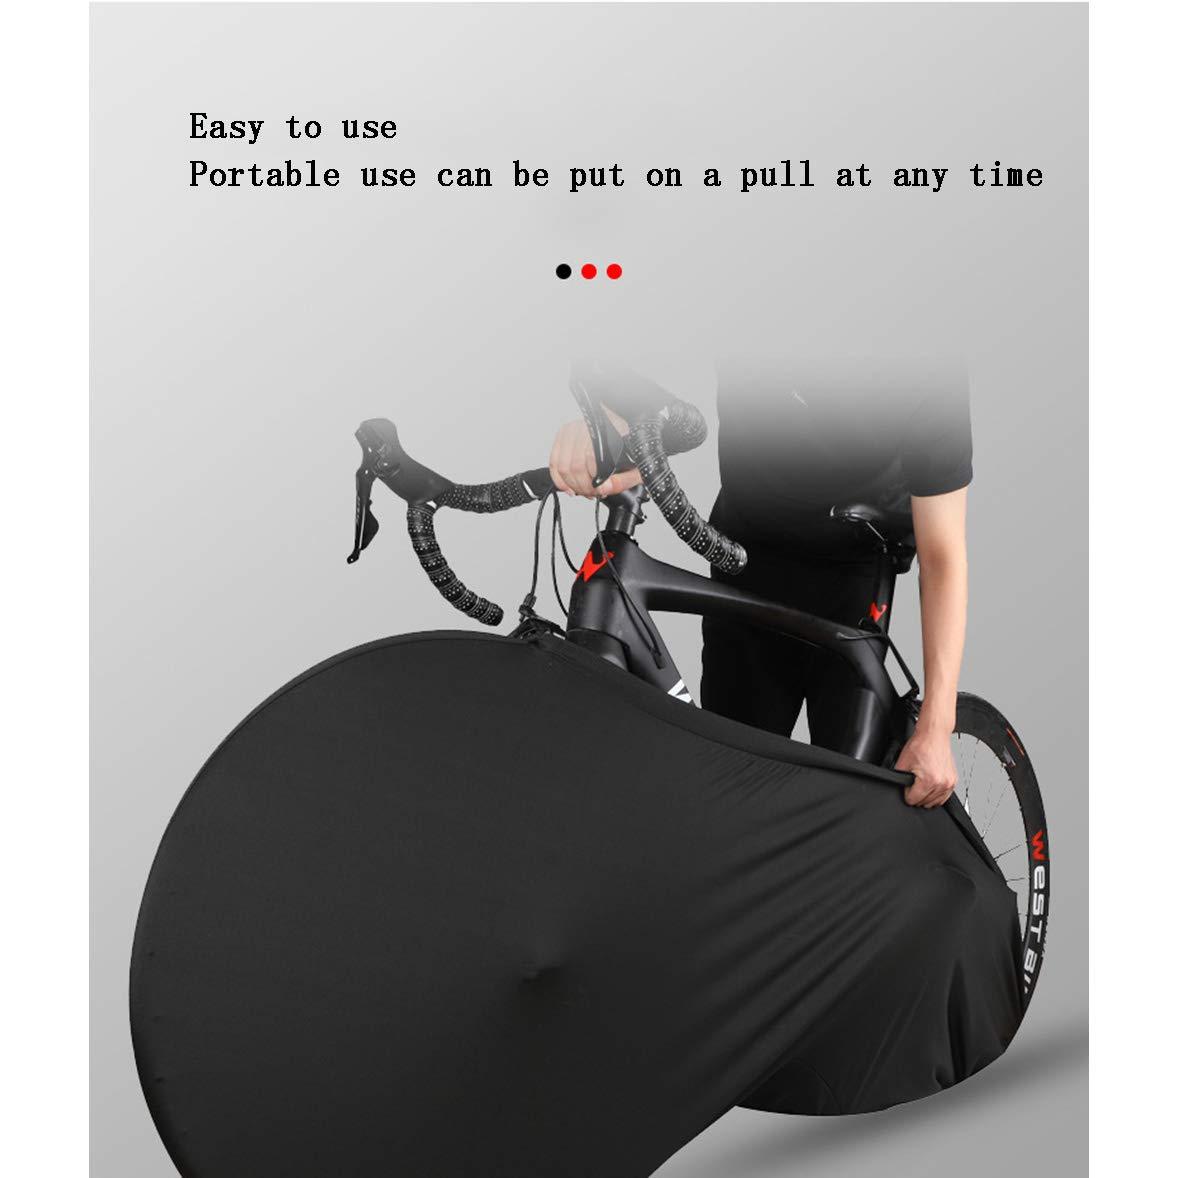 La Mejor Soluci/ón para Mantener Su Interior Limpio para Bicicletas De Adultos A BINGFENG Funda Bici para Interiores Funda para Bicicleta Exterior Cubierta Interior De Bicicleta